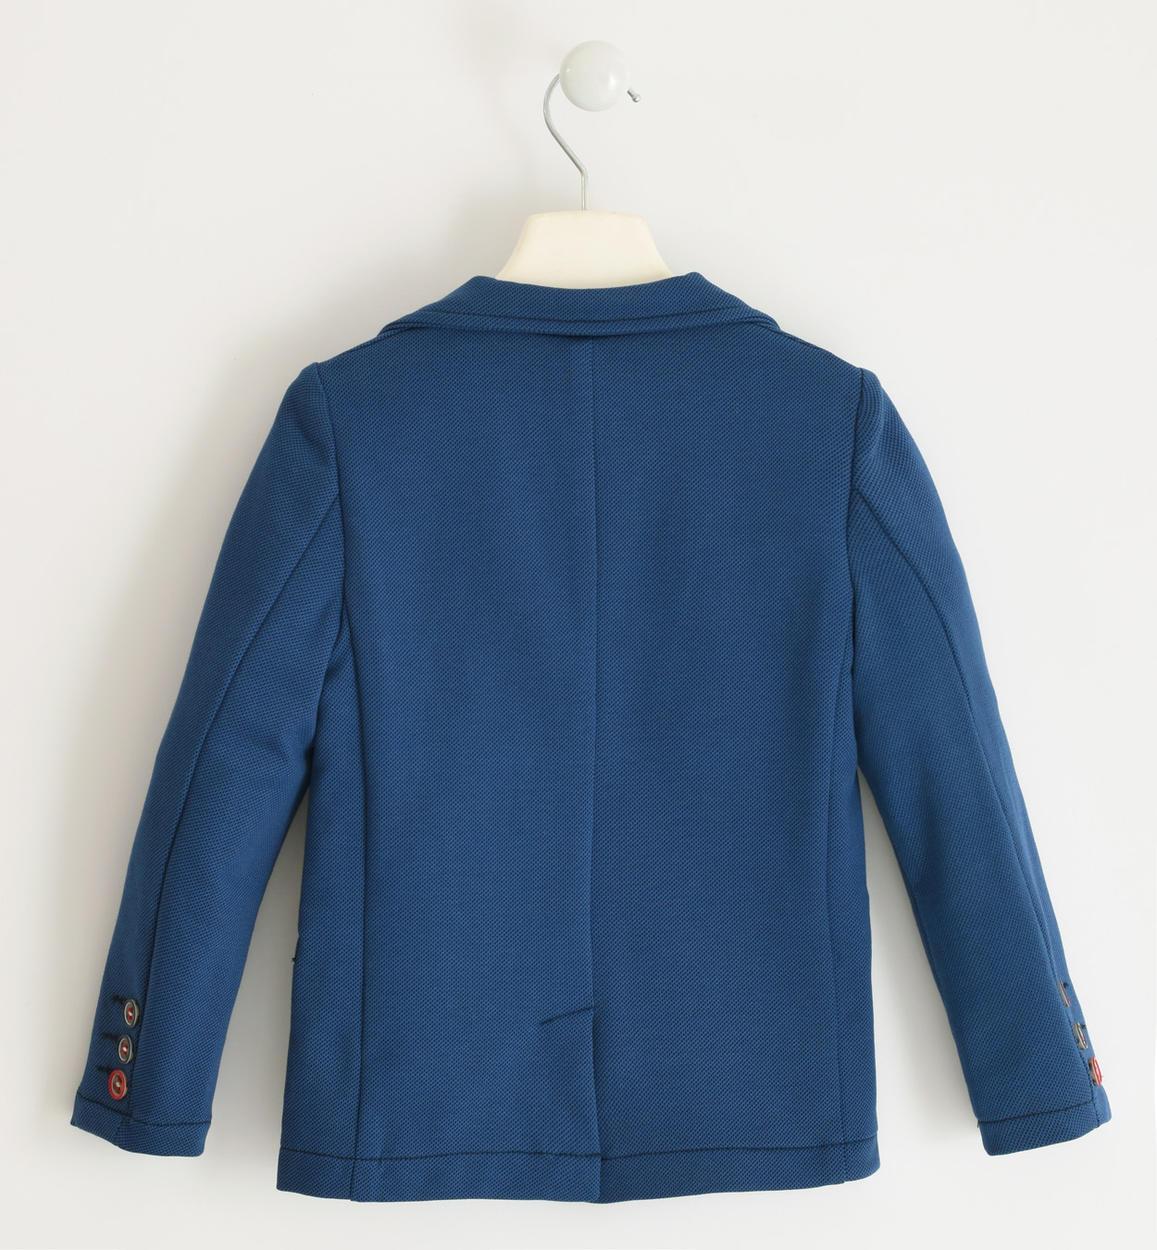 giacca in felpa micro pois per bambino d avion retro 02 2744j46200 6mc6 150x150